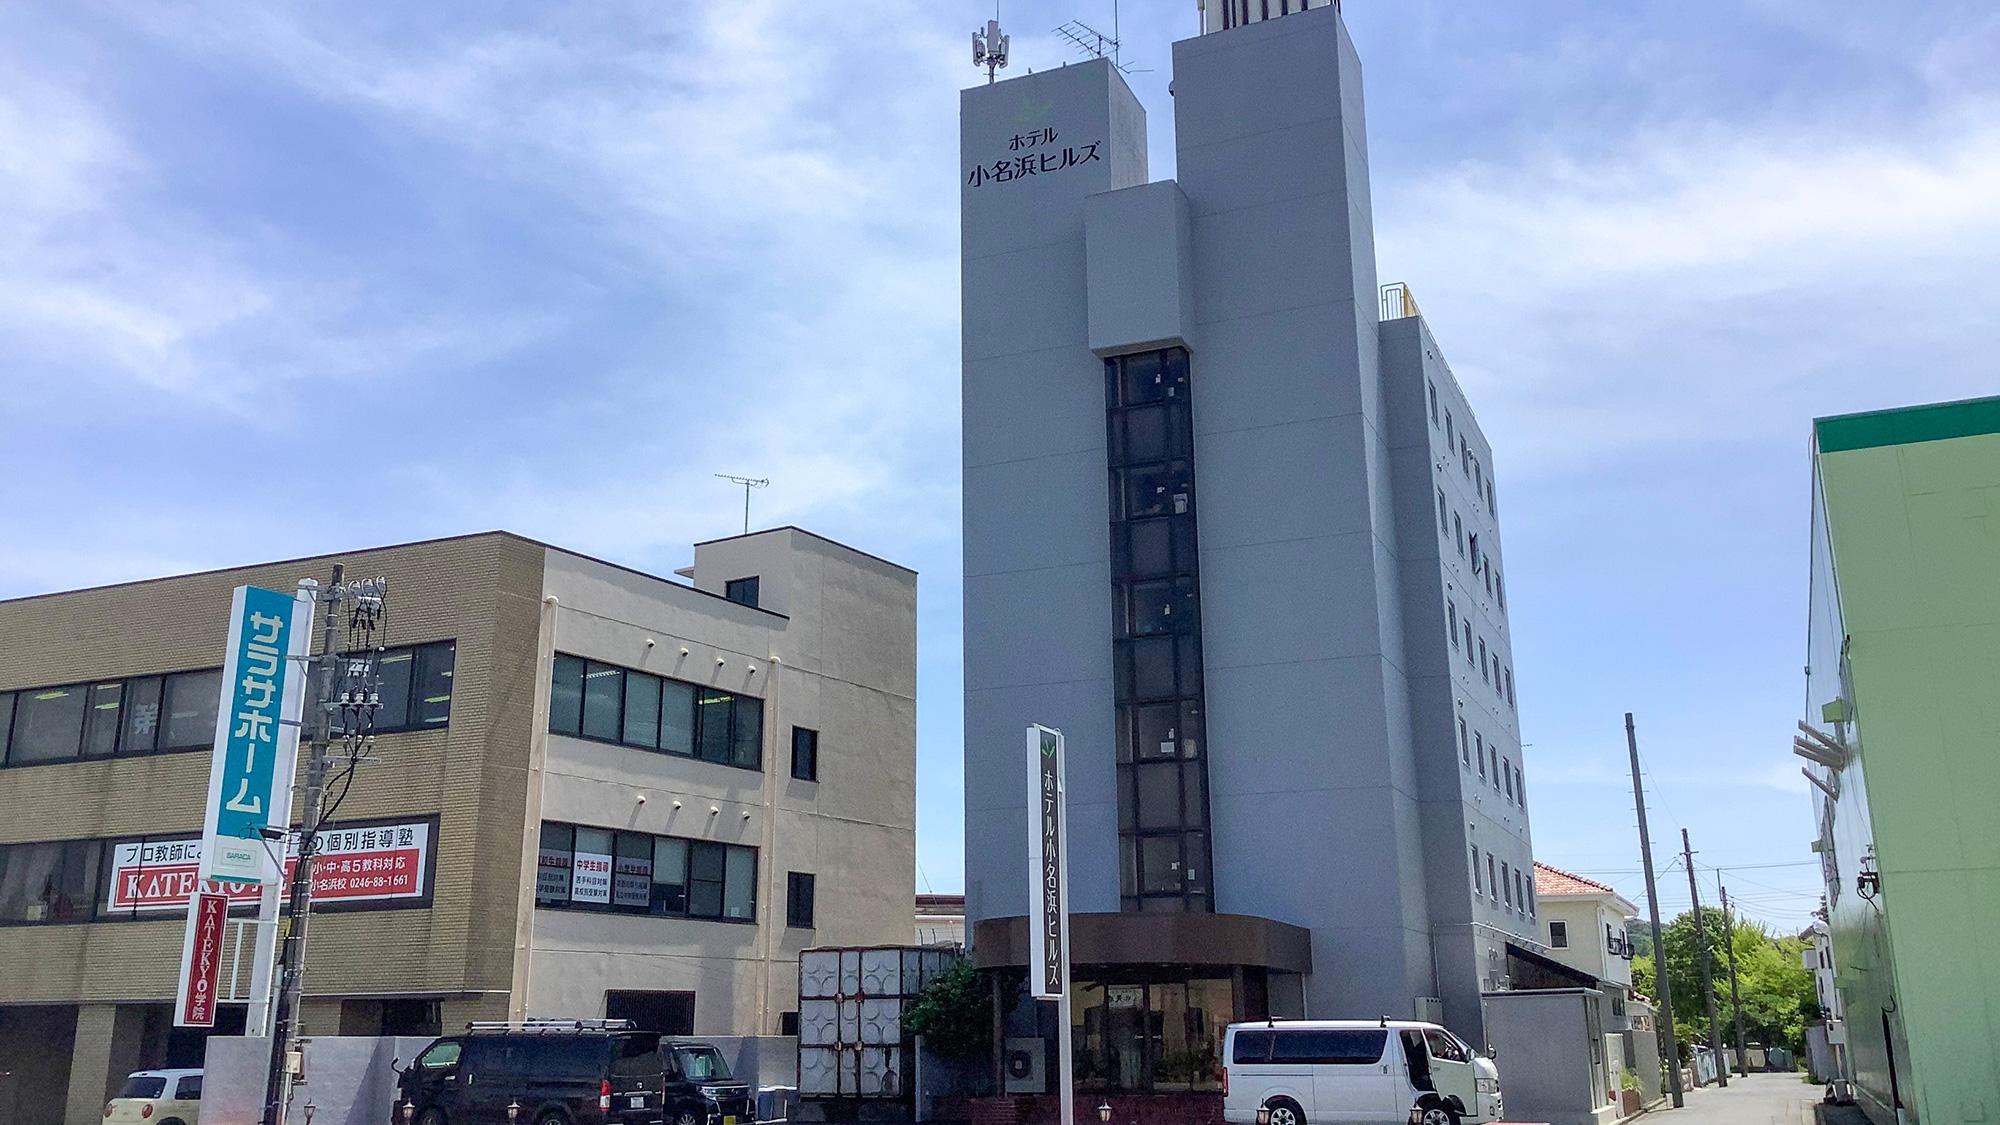 ホテル小名浜ヒルズ(旧:小名浜グリーンホテル)(BBHホテルグループ) image